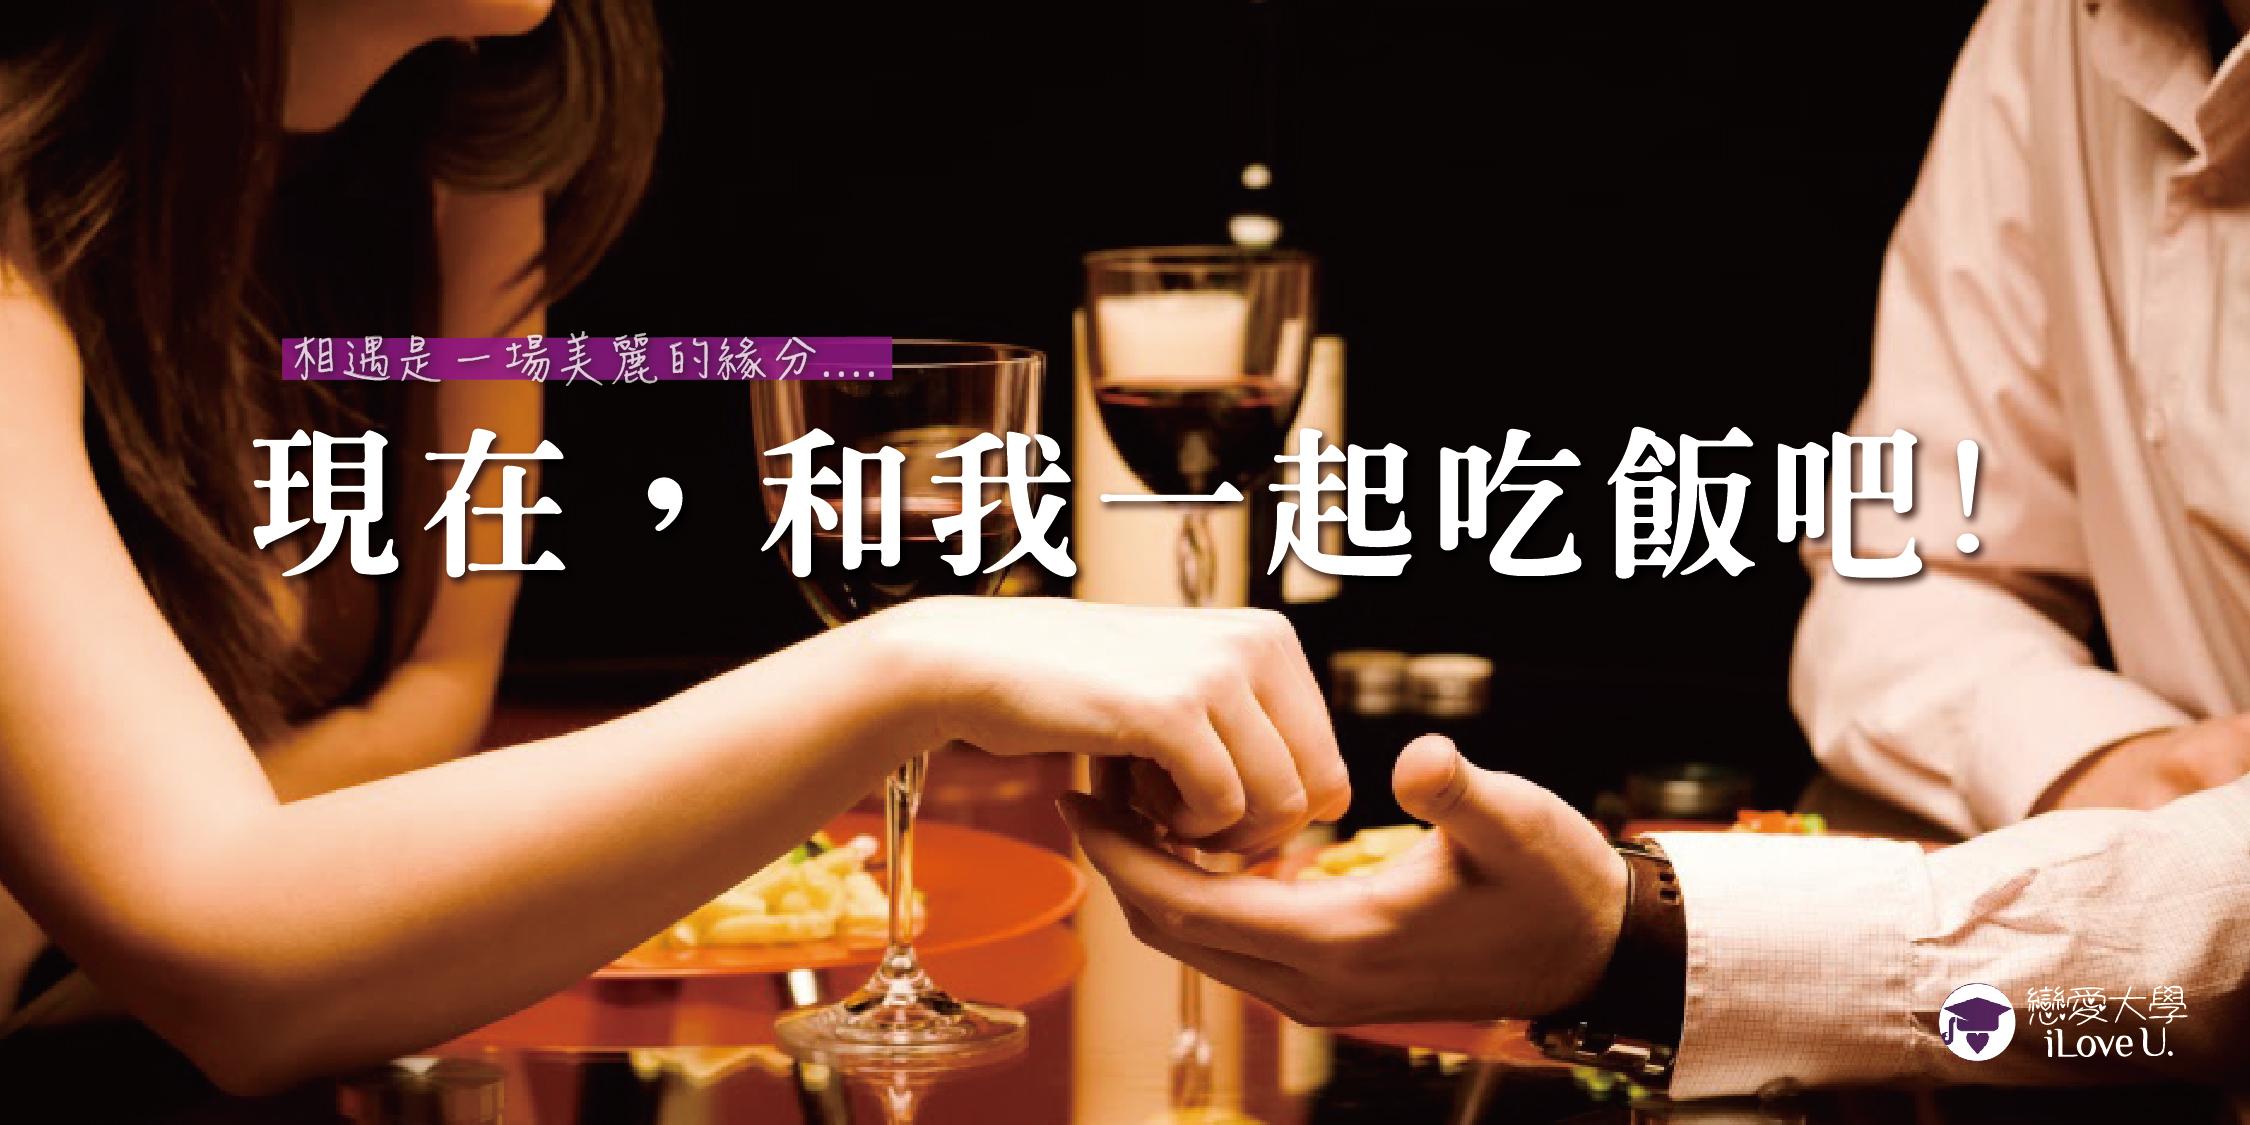 ❤戀愛大學❤11/17(五)現在,和我一起吃飯吧!